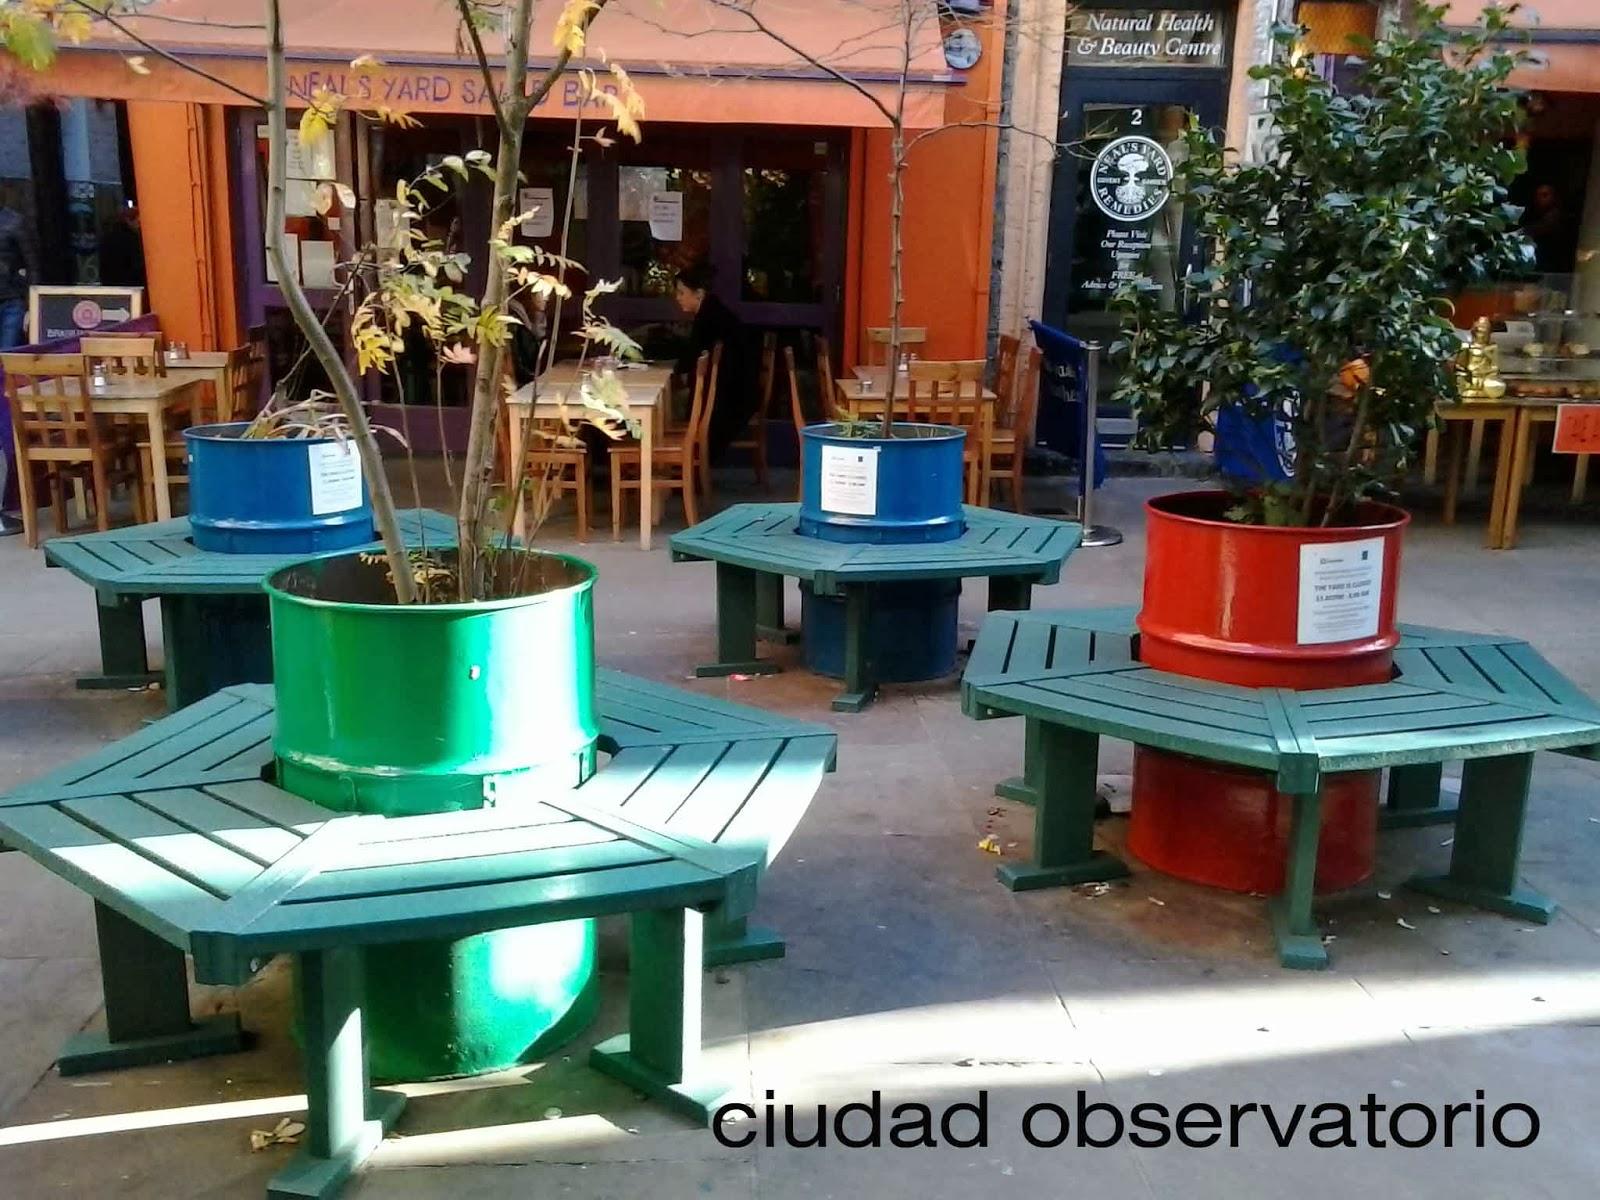 Ciudad observatorio mobiliario en covent garden for Ejemplos de mobiliario urbano